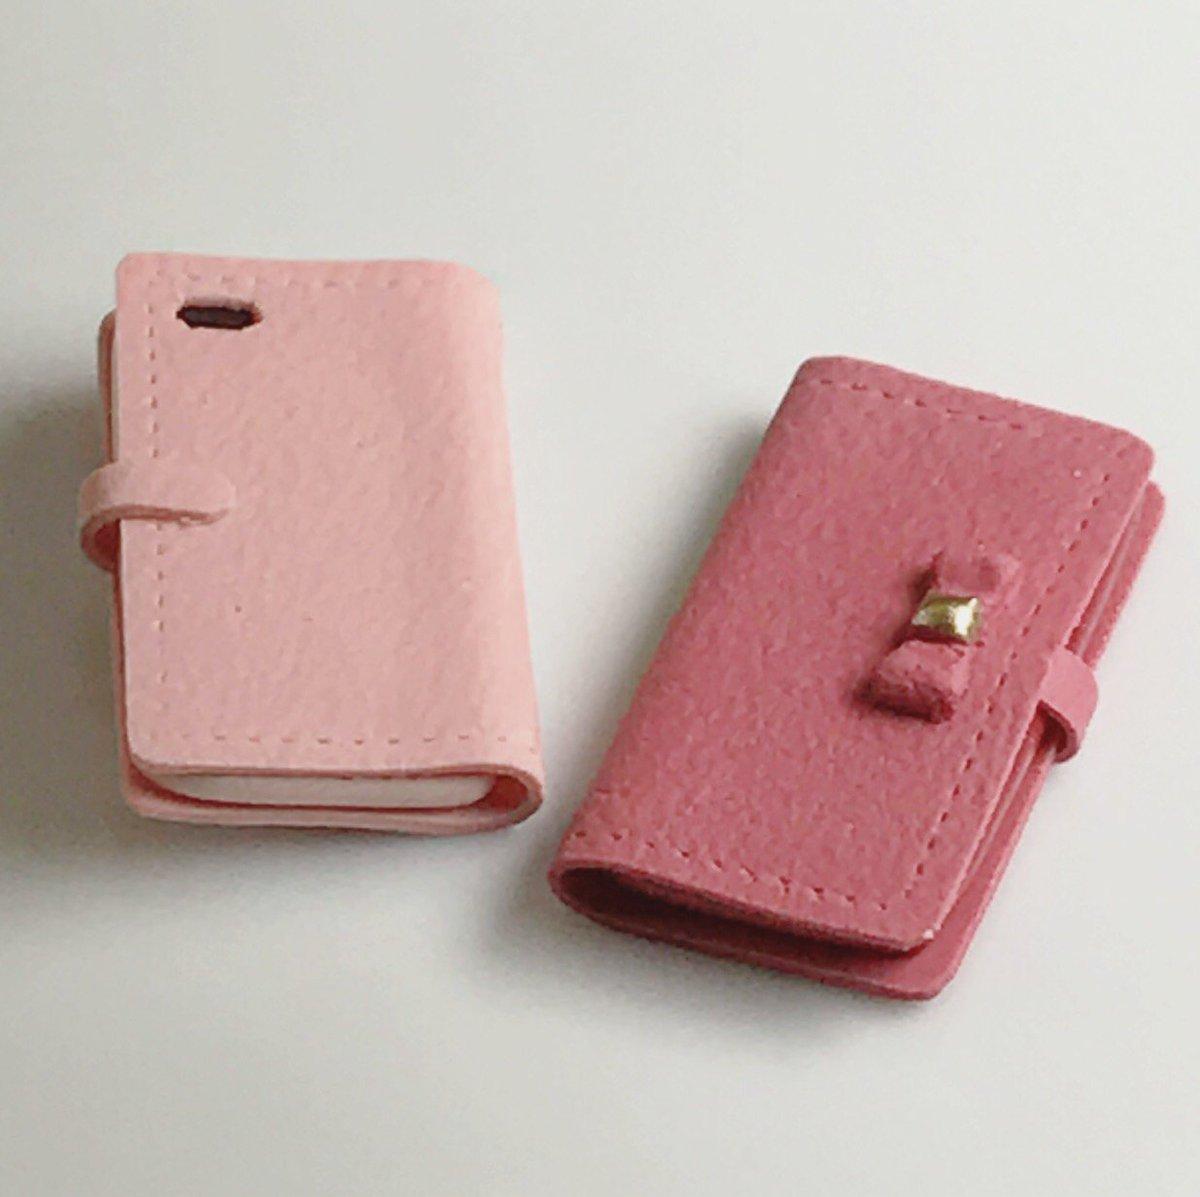 これ欲しいかも!ミニチュアのiPhoneケースが精巧すぎて感動!